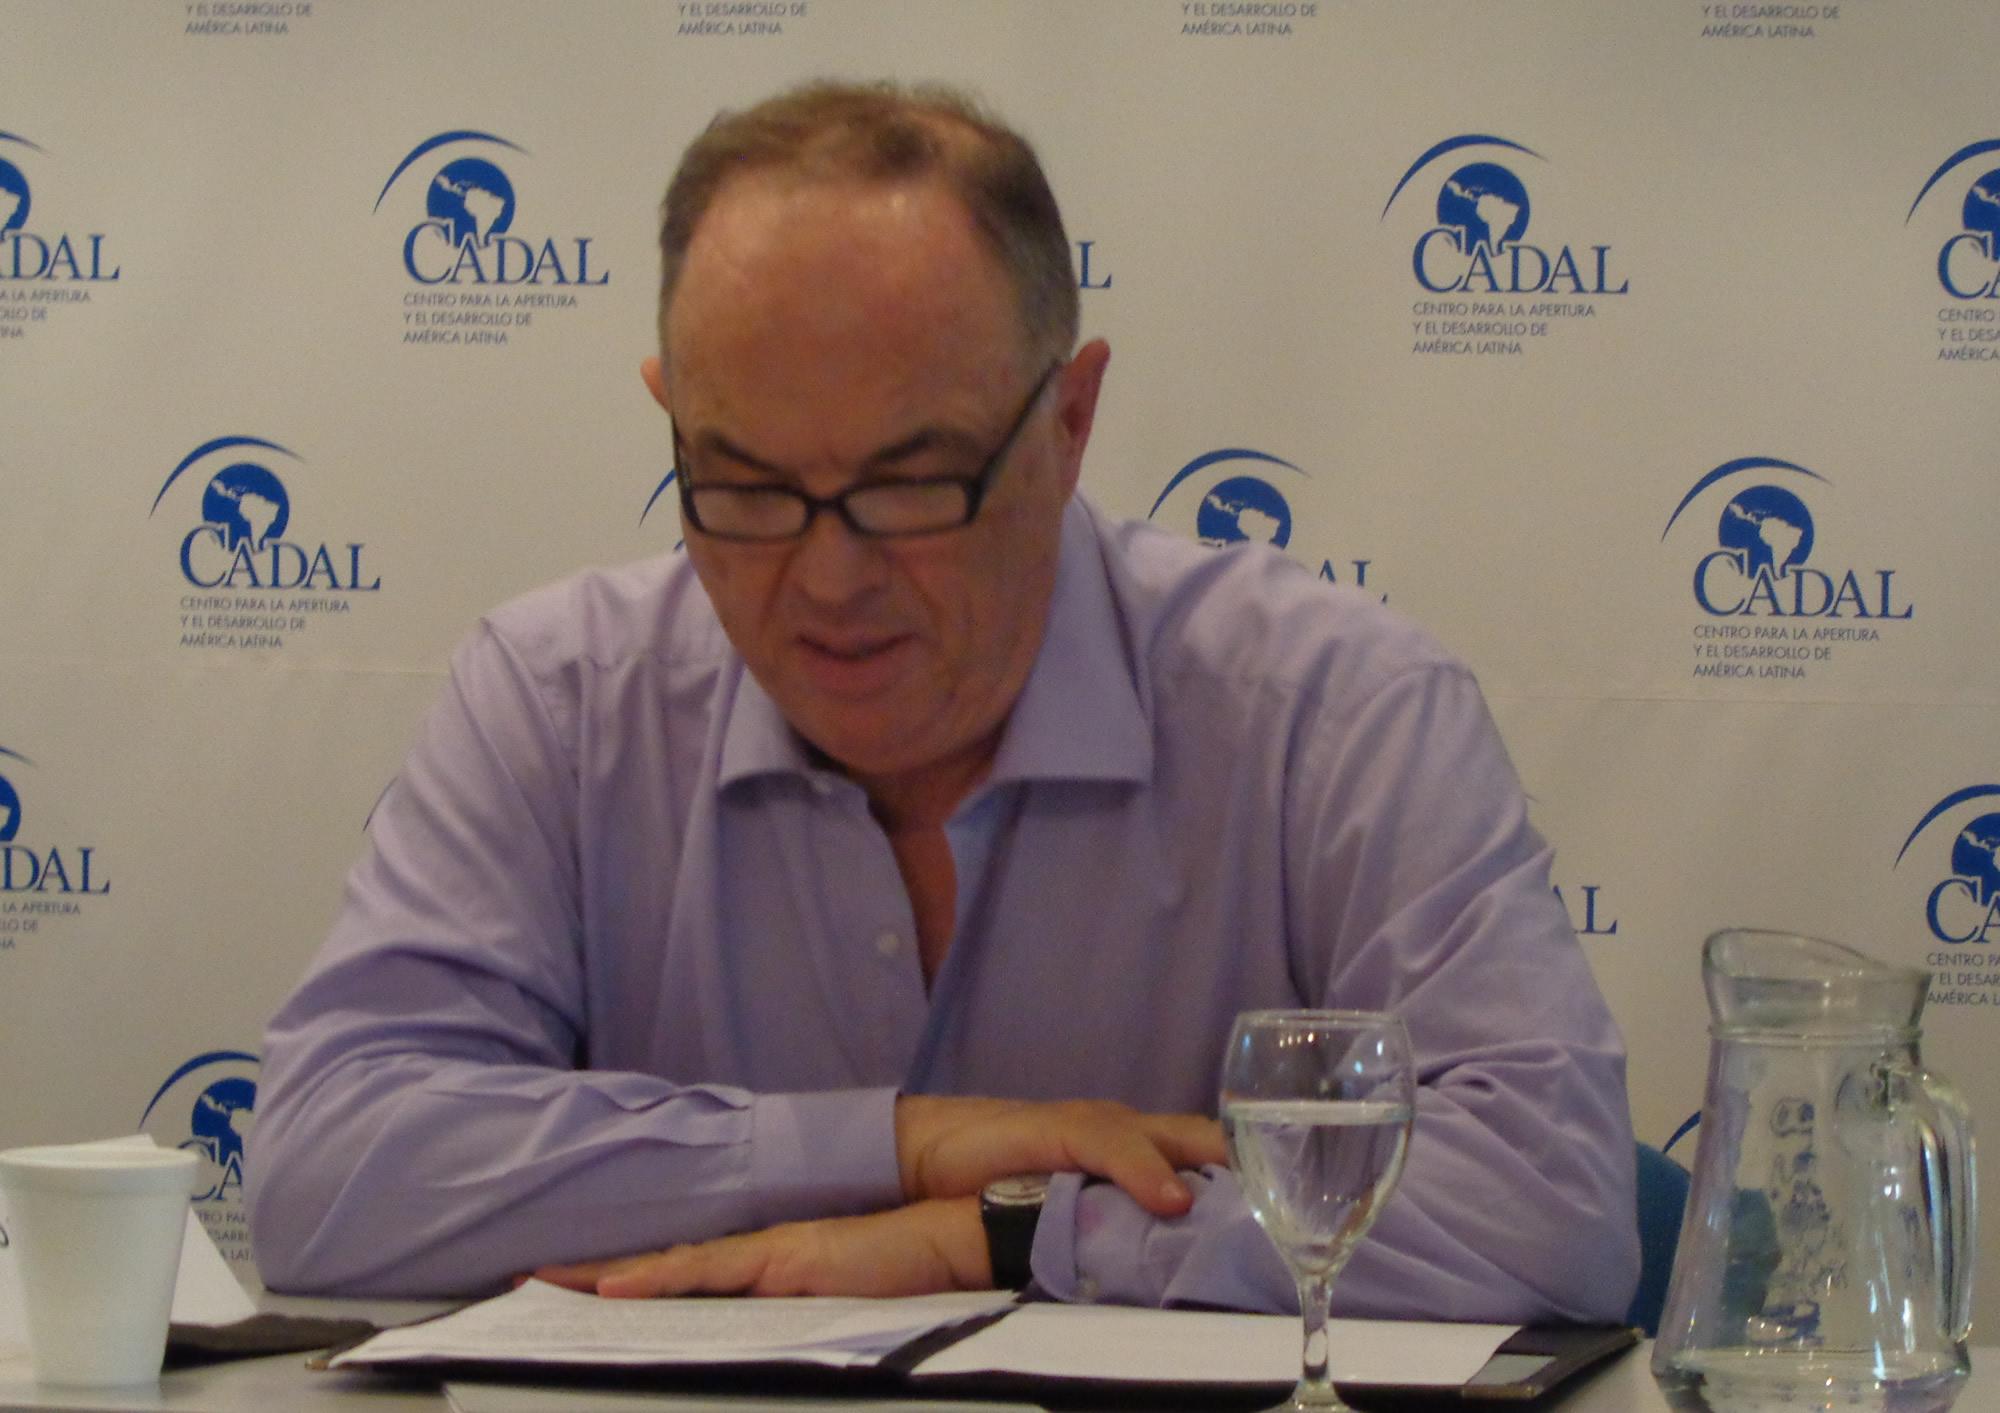 Los campos políticos en Cuba: opositores, reformistas y continuistas